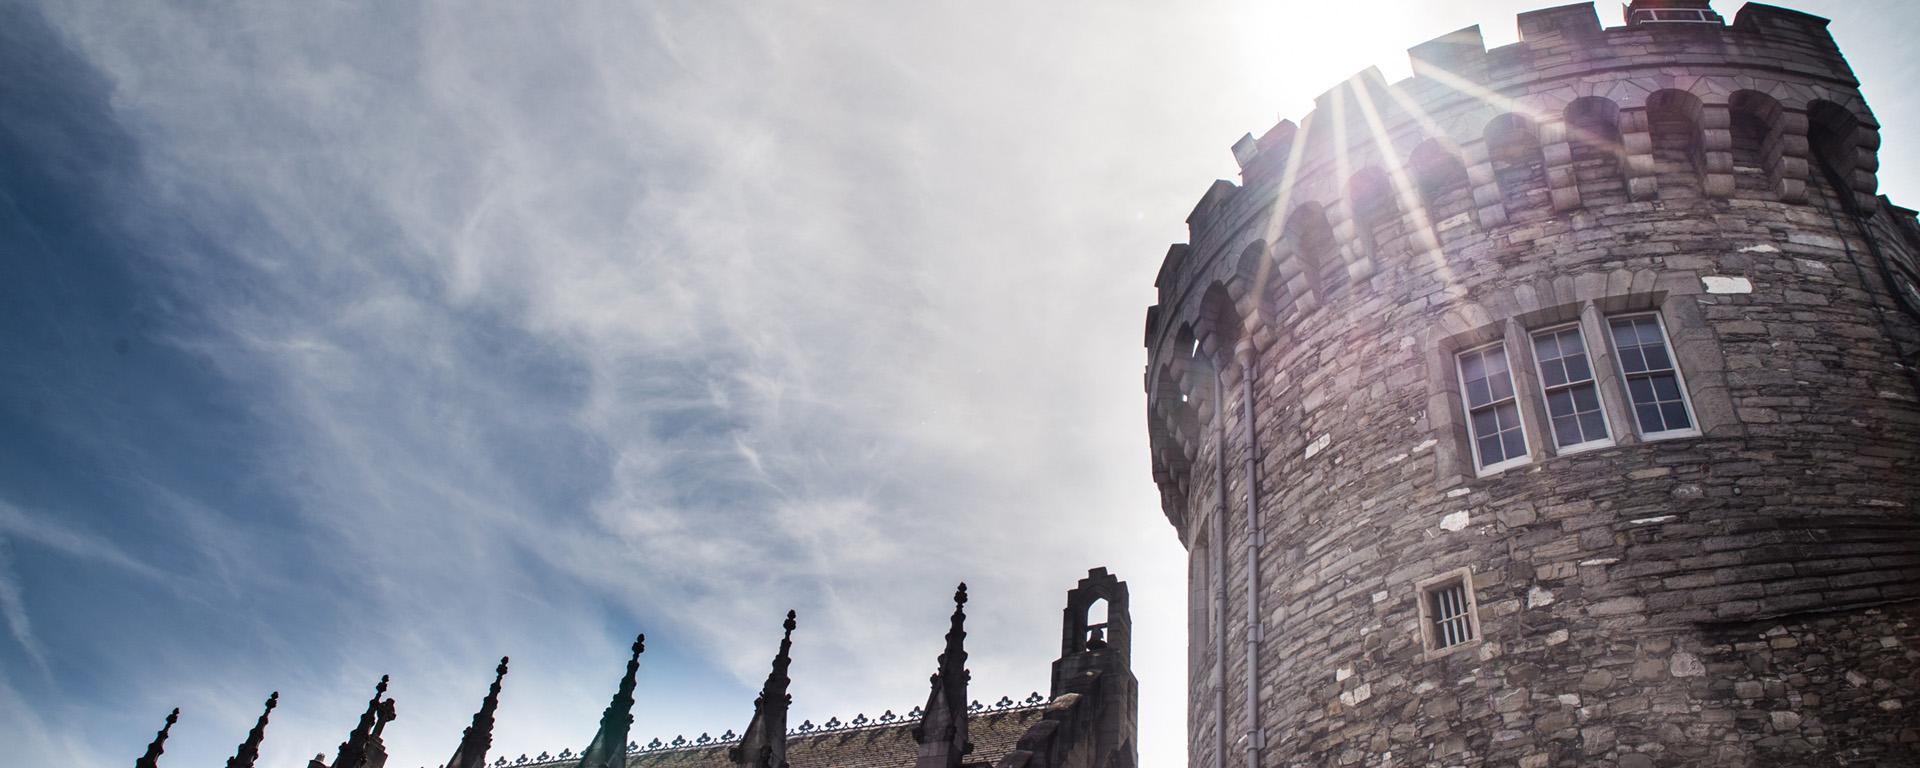 dublin-ireland-things-to-do